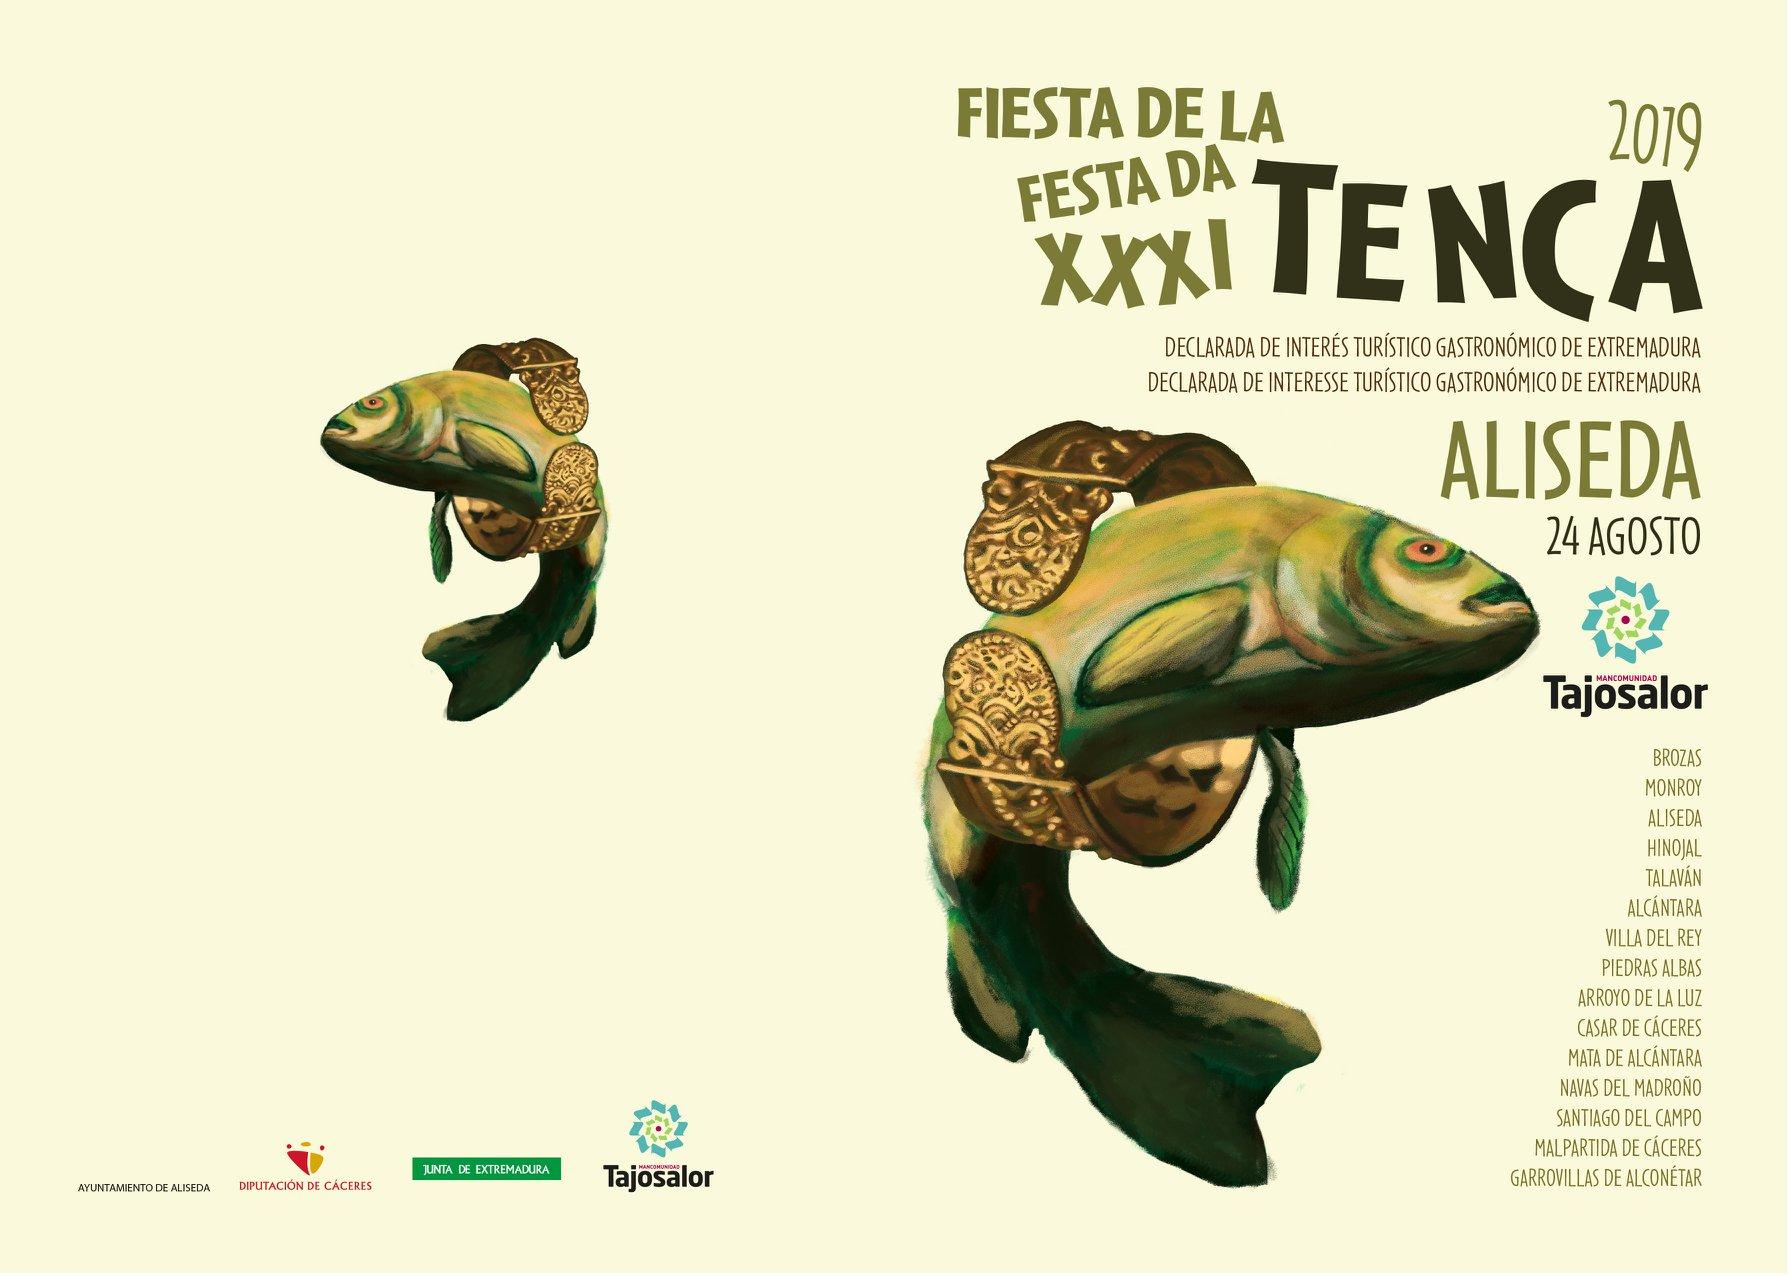 La Fiesta de la tenca será este año en Aliseda del 23 al 25 de agosto